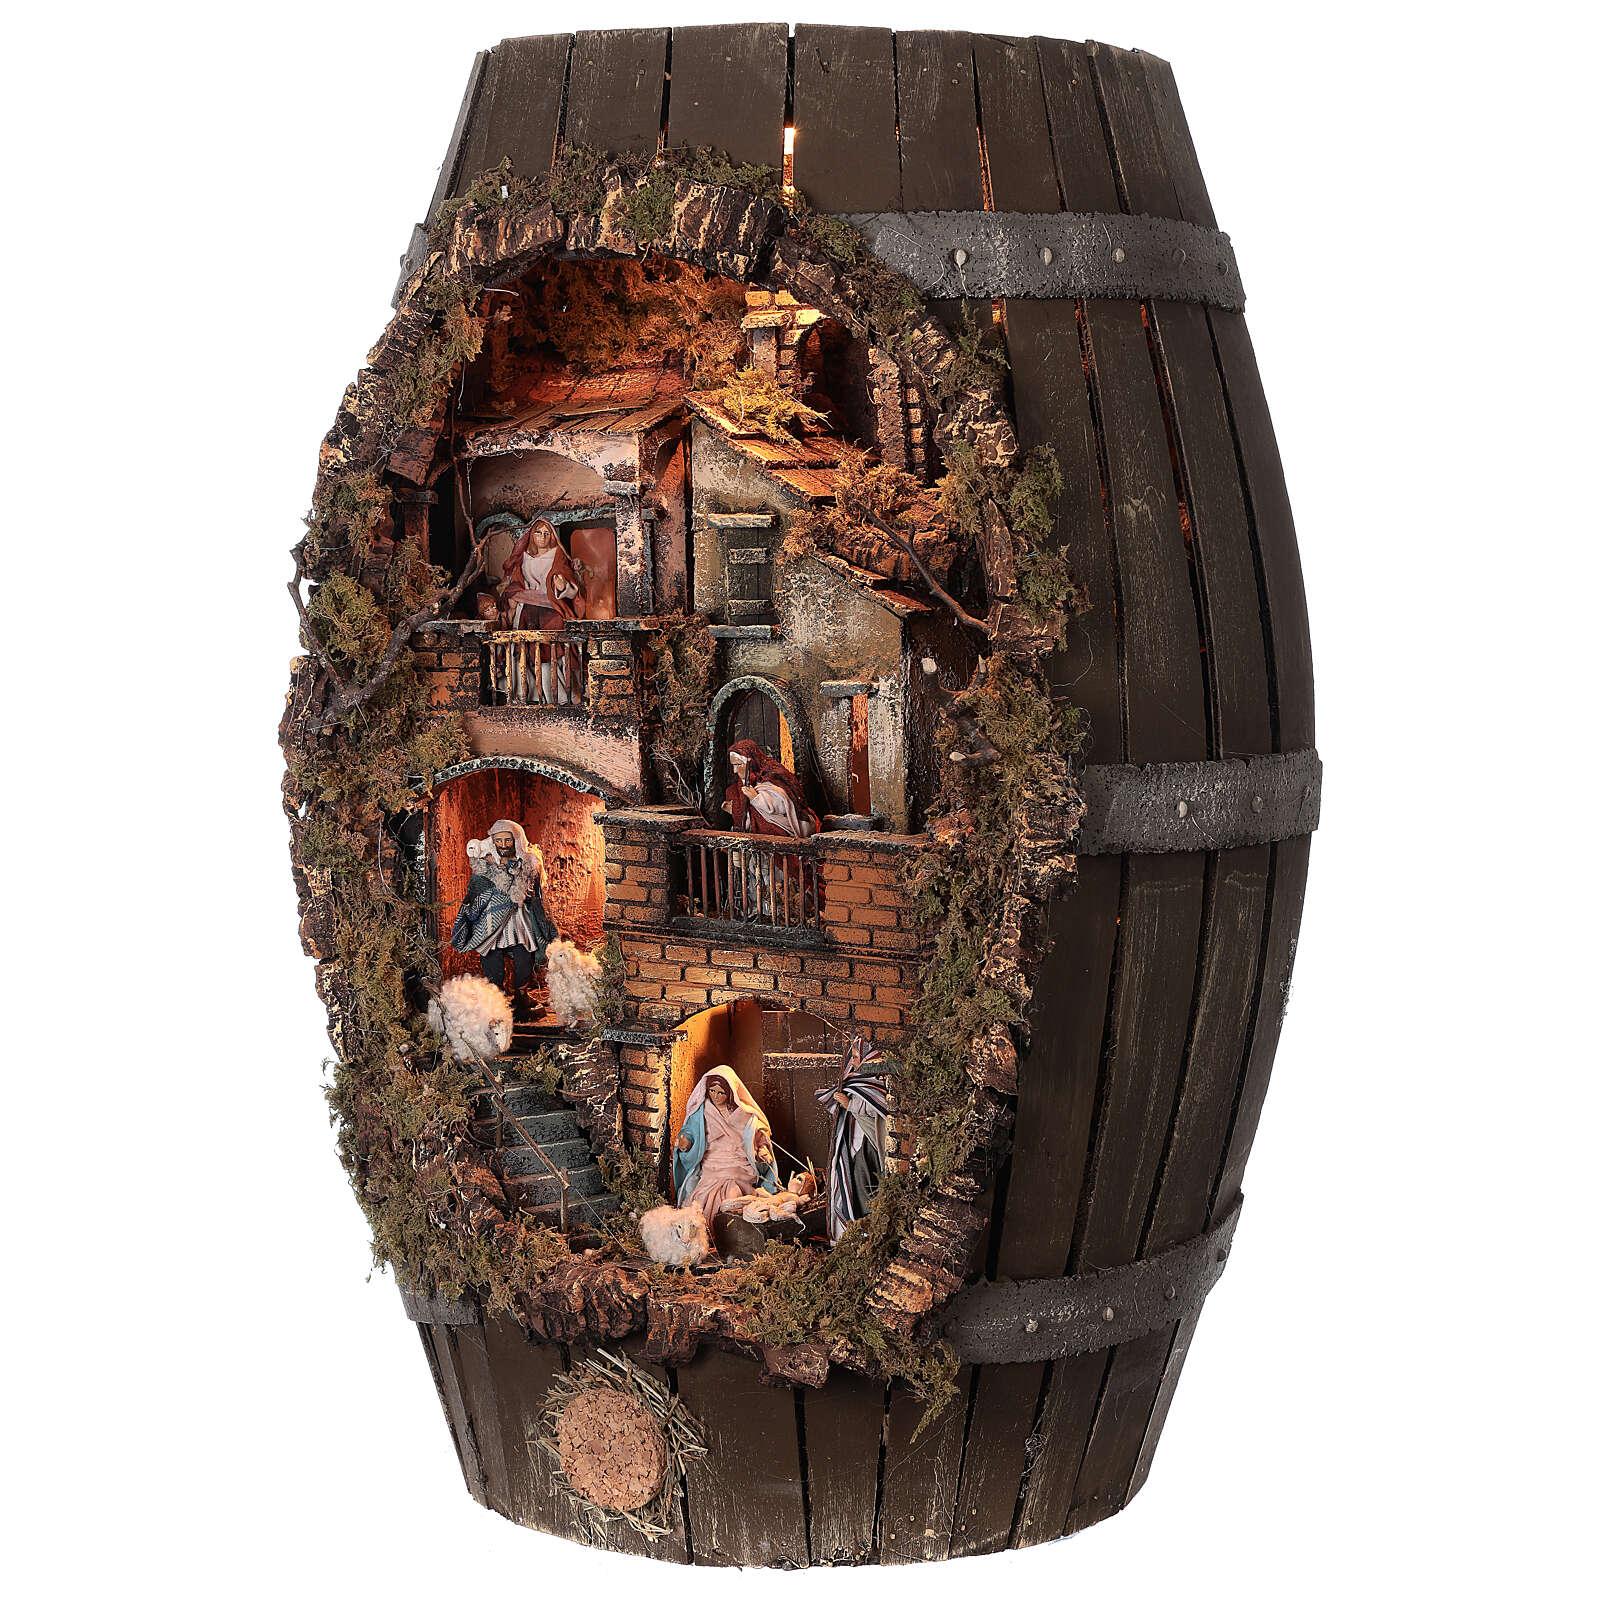 Tonneau crèche complète napolitaine santons terre cuite 8 cm 60x30x25 cm 4